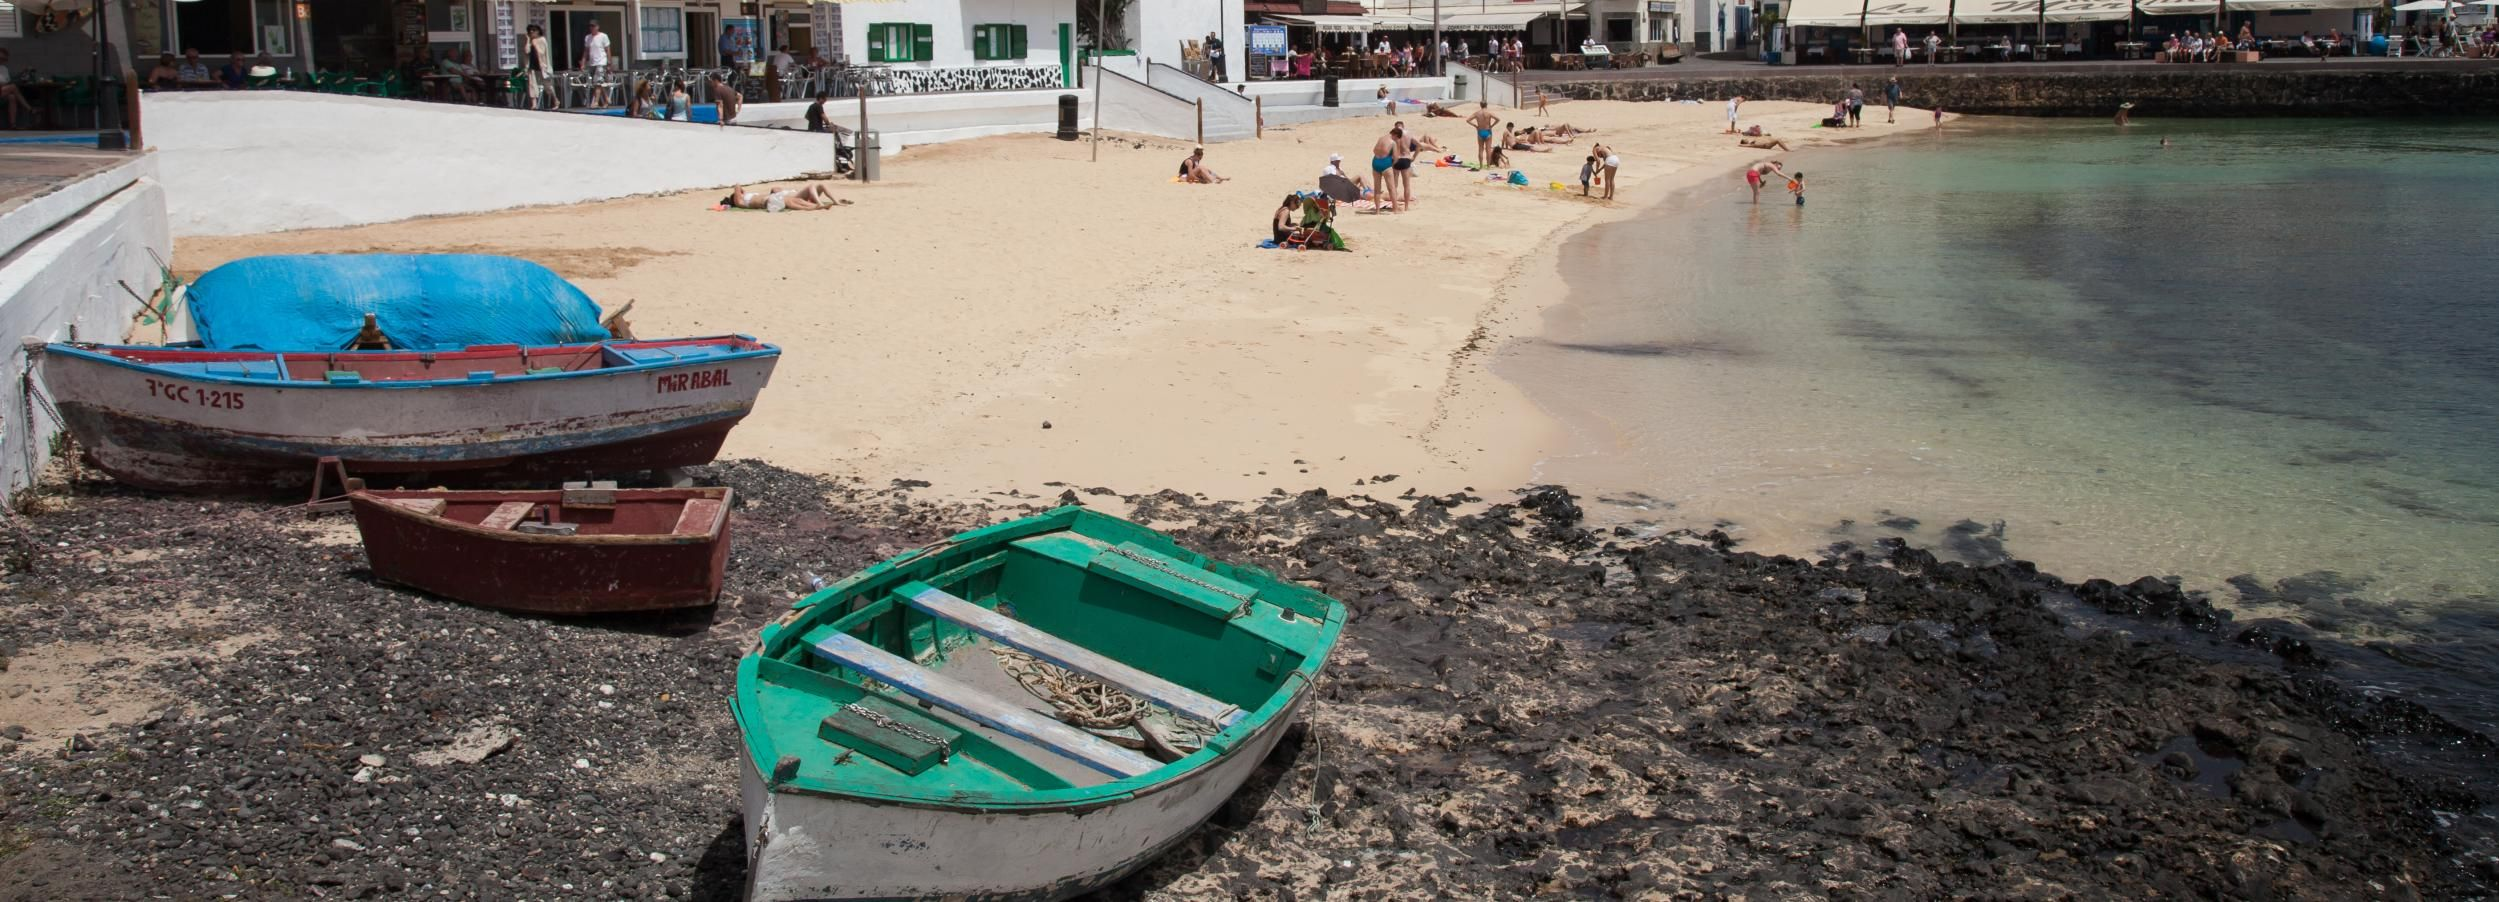 Fuerteventura e Corralejo: tour di 1 giorno da Lanzarote